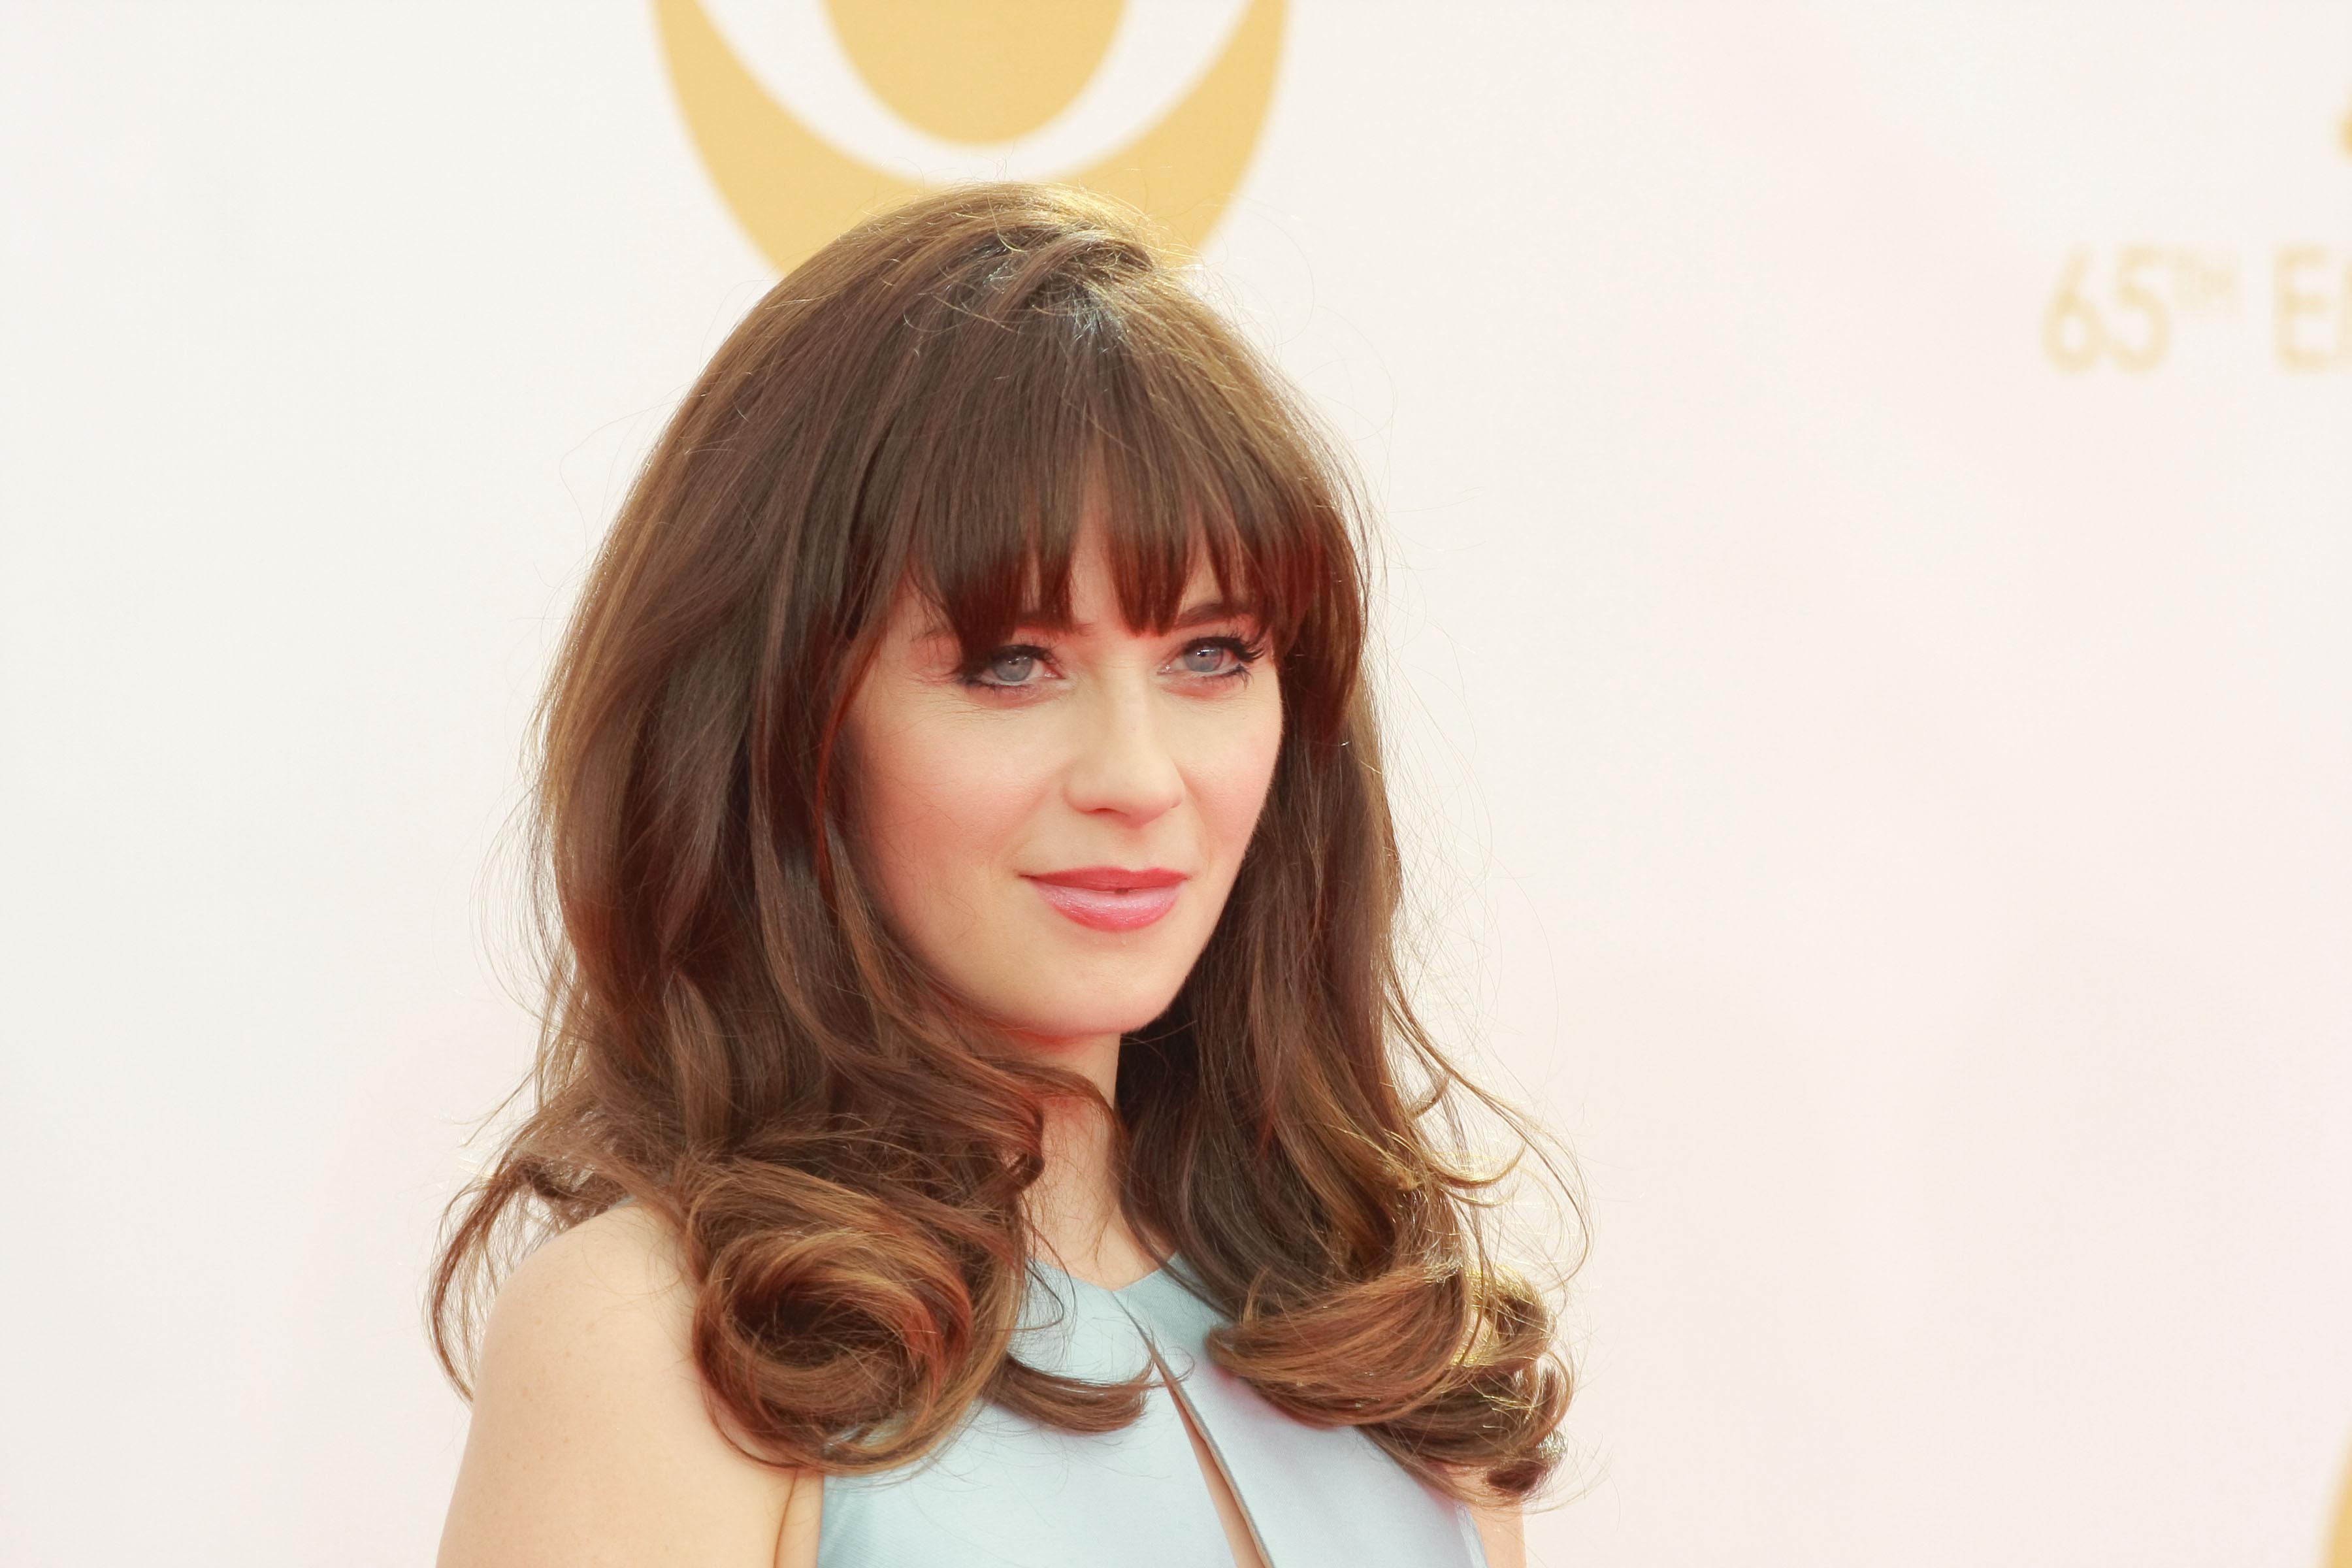 Actress Zooey Deschanel